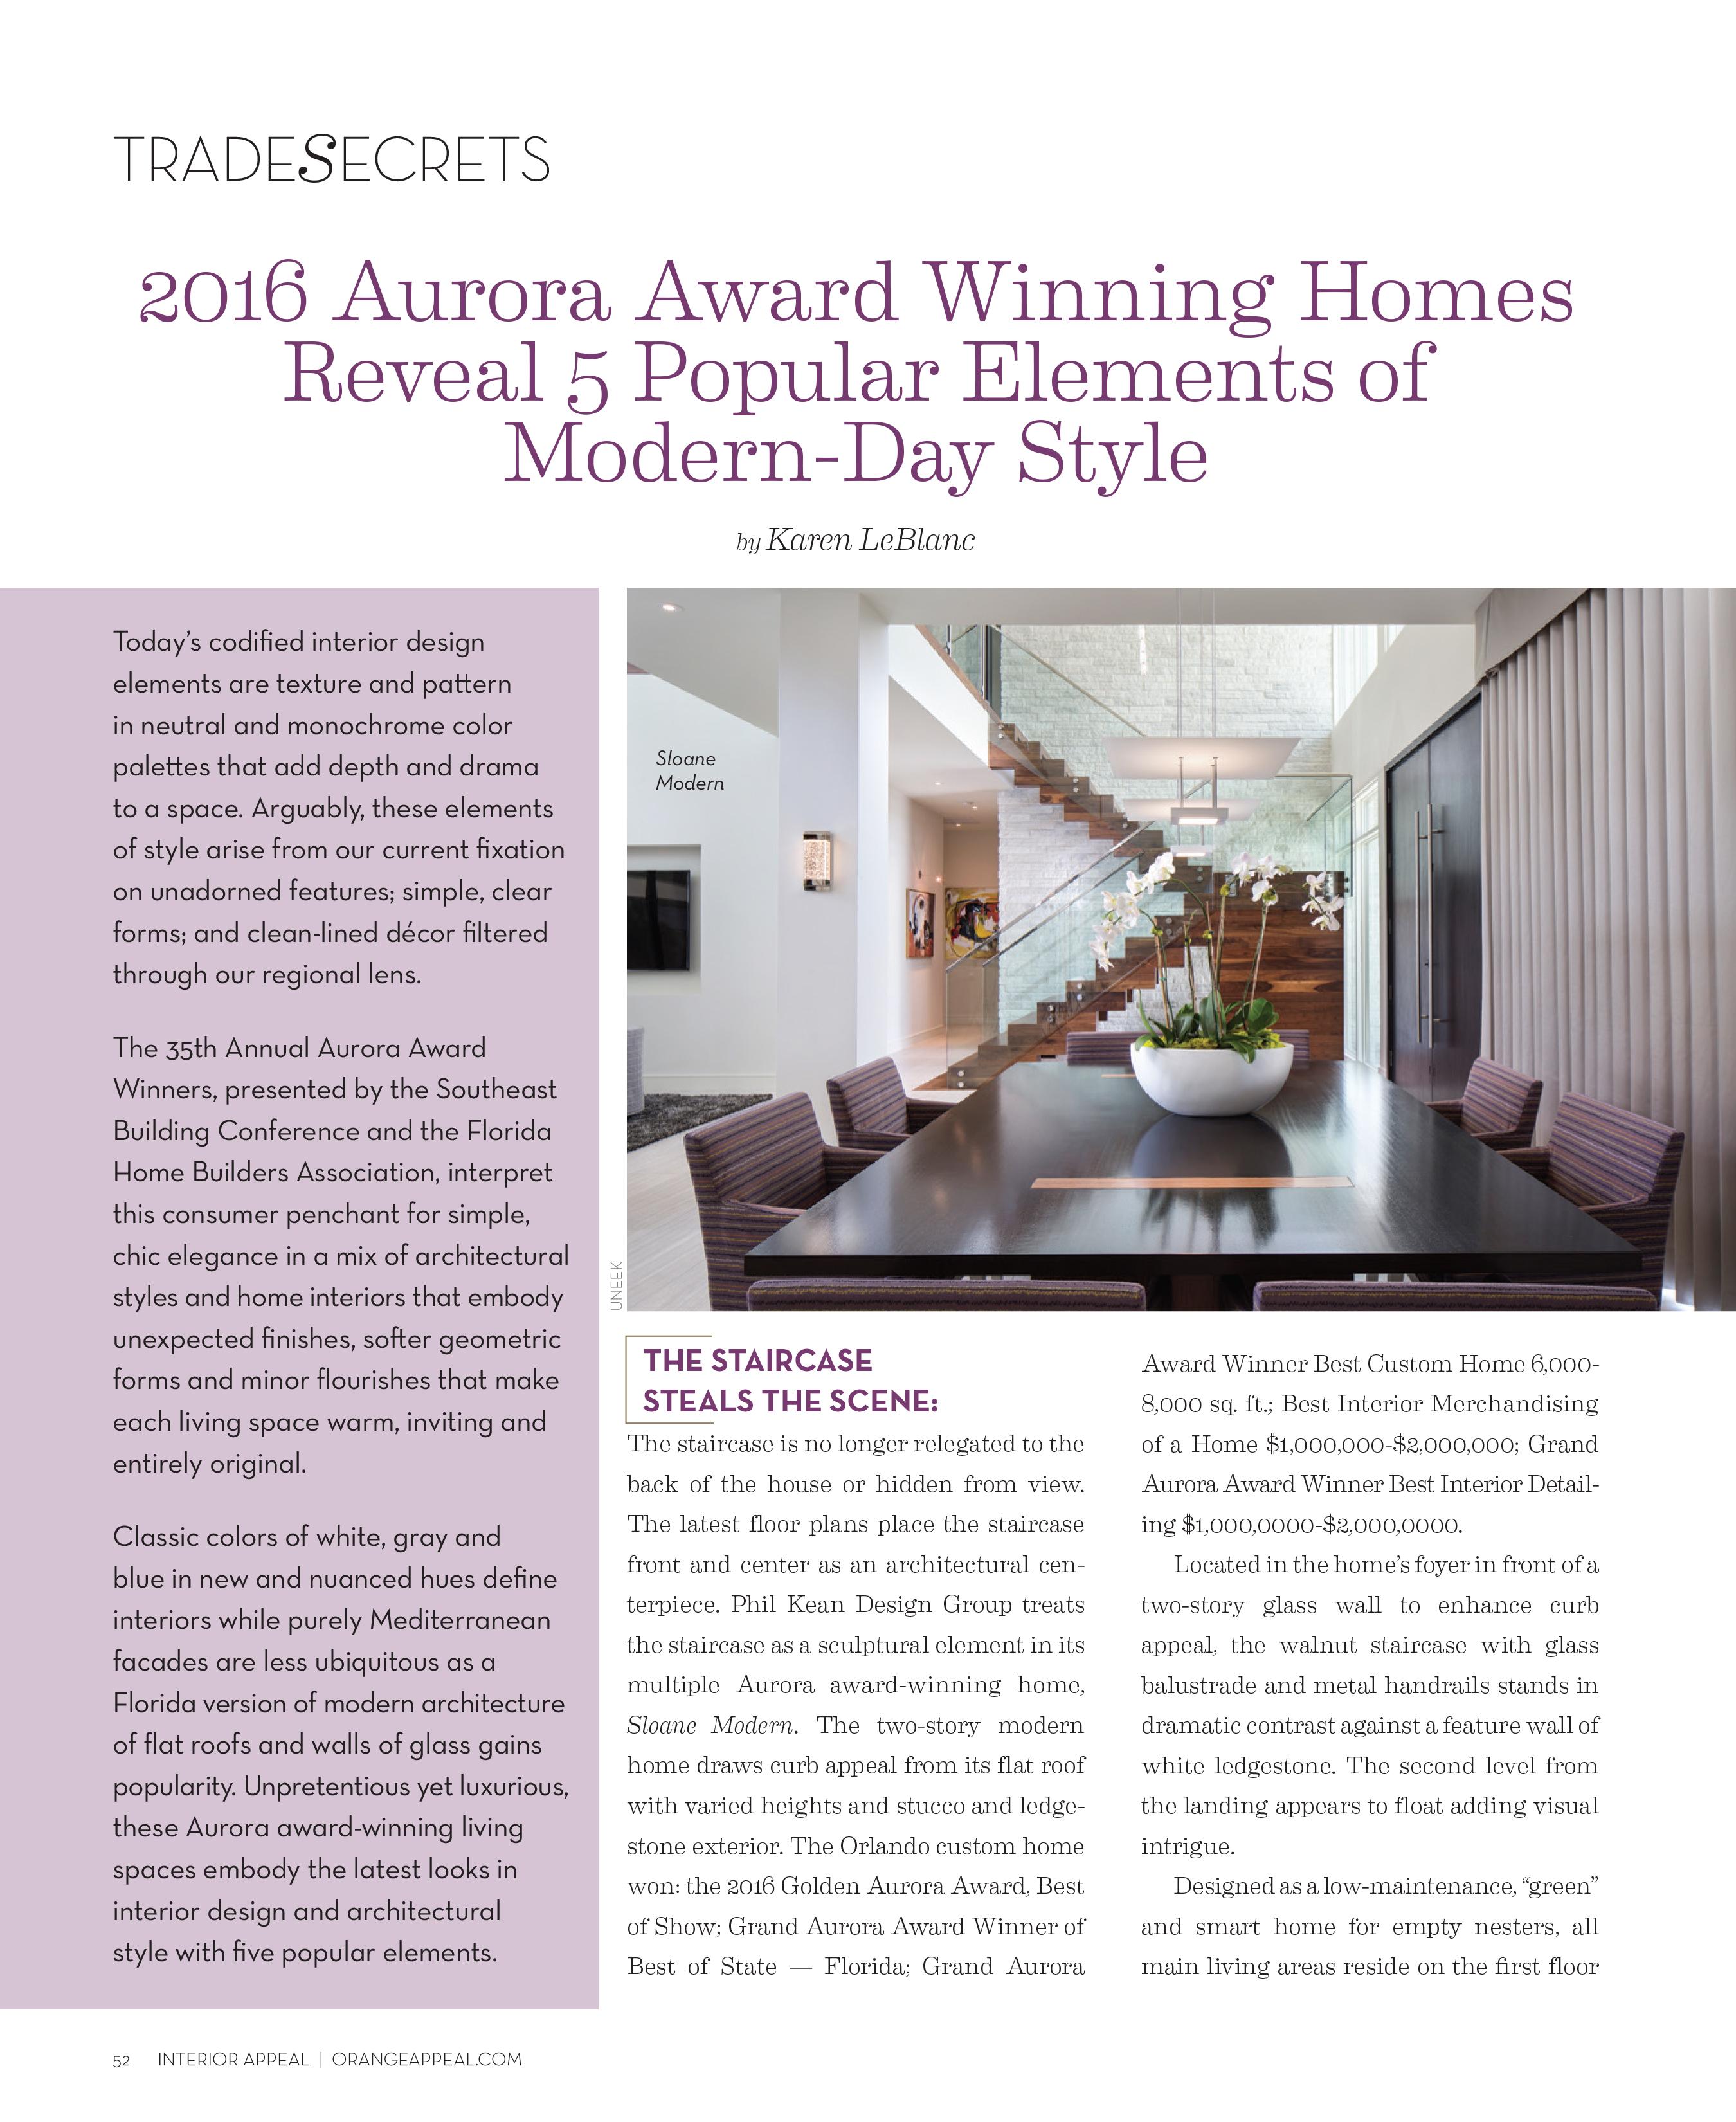 trade-secrets-aurora-award-winning-homes-interior-appeal-2016-1